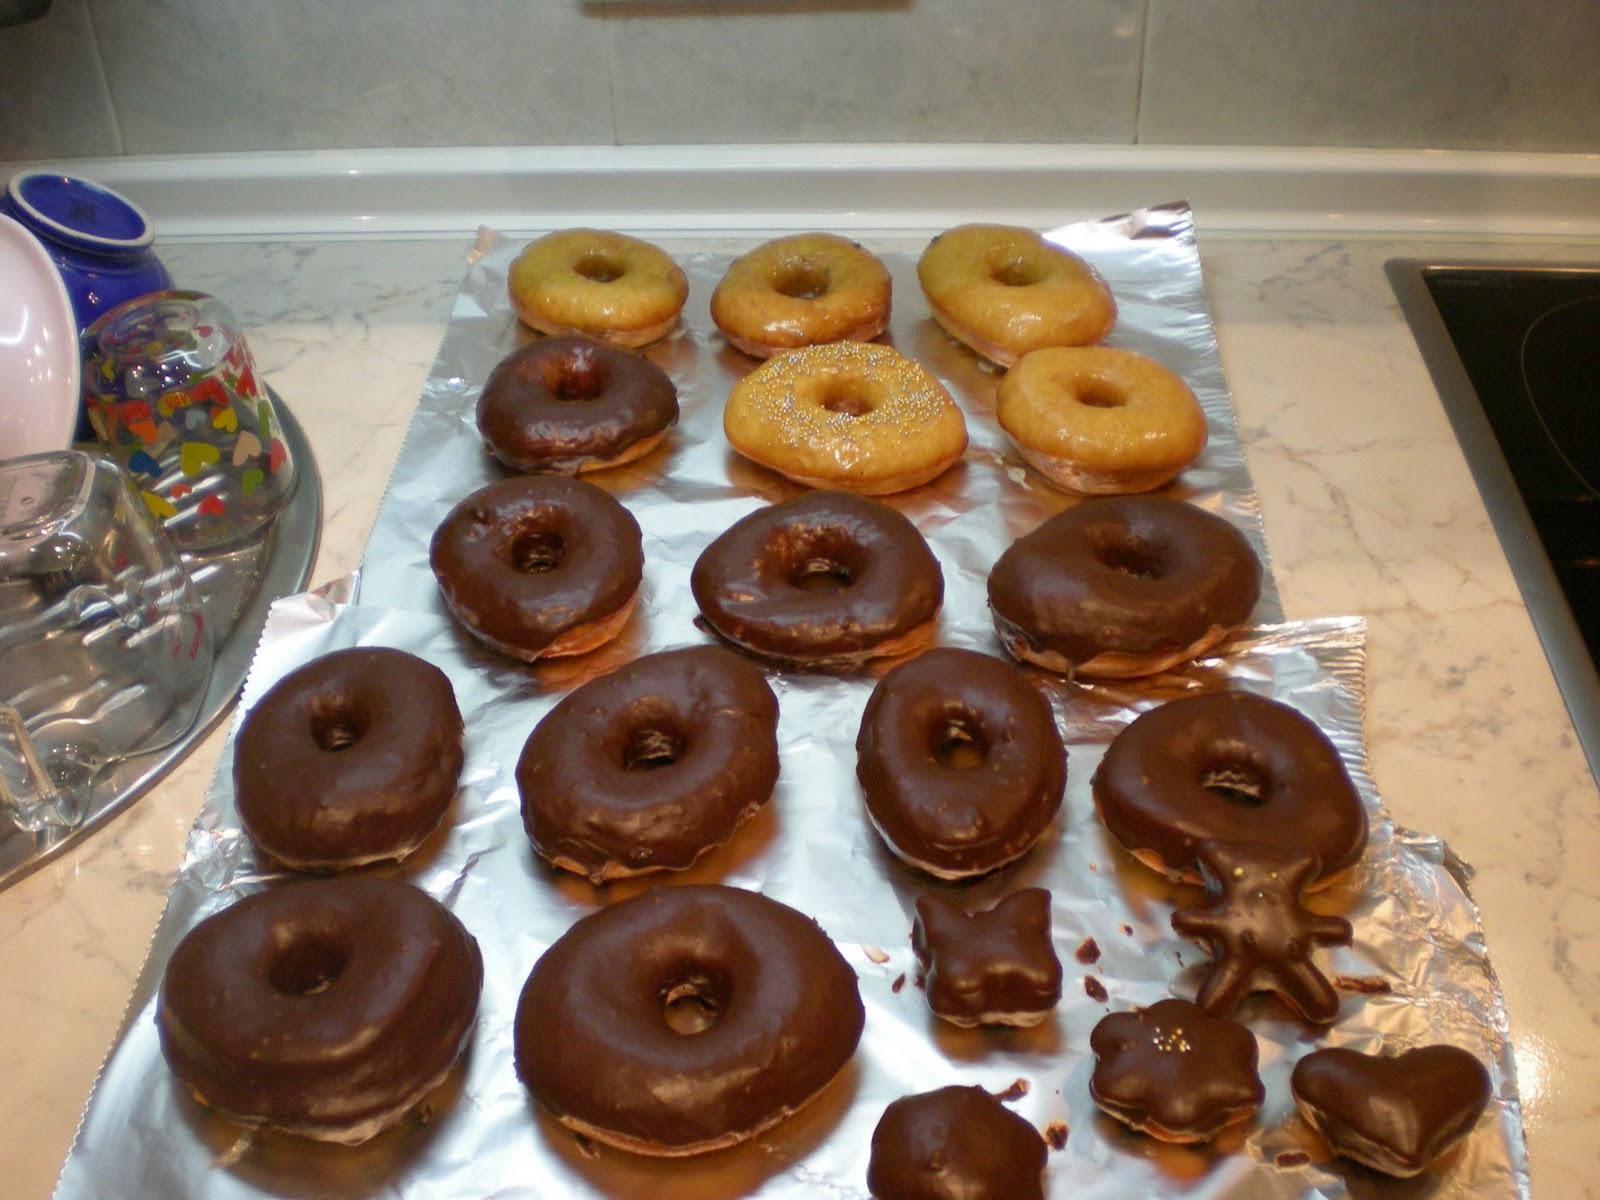 Cocina recetas de varios paises europeos donuts de isasaweis for Cocina de isasaweis